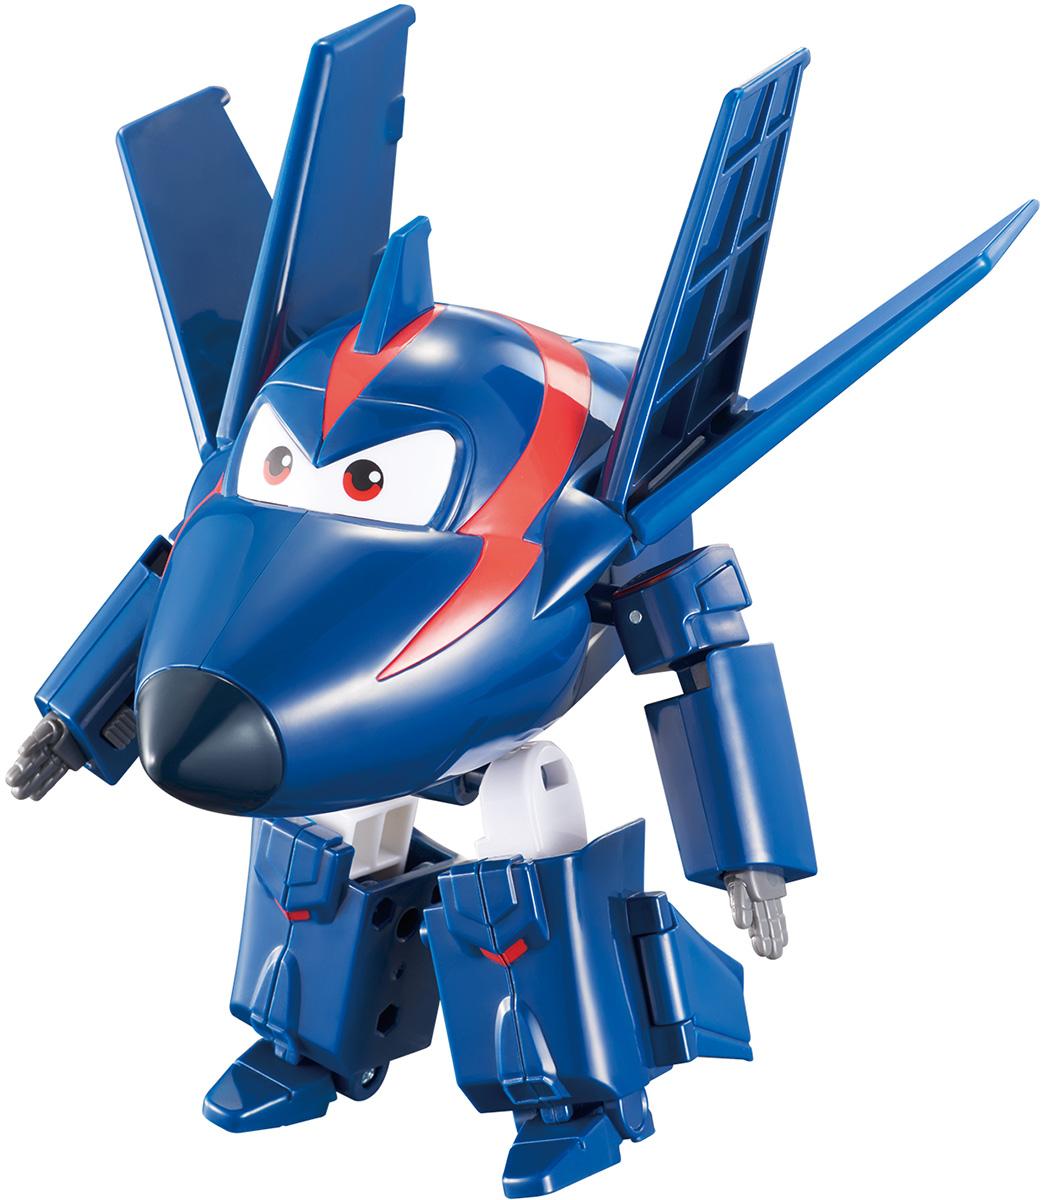 Super Wings Трансформер Чейз EU720223 hong kong далеко ришелье журналы снится обратно в силу раннего детства обучающие игрушки небольшой самолет небольшой самолет синий номер